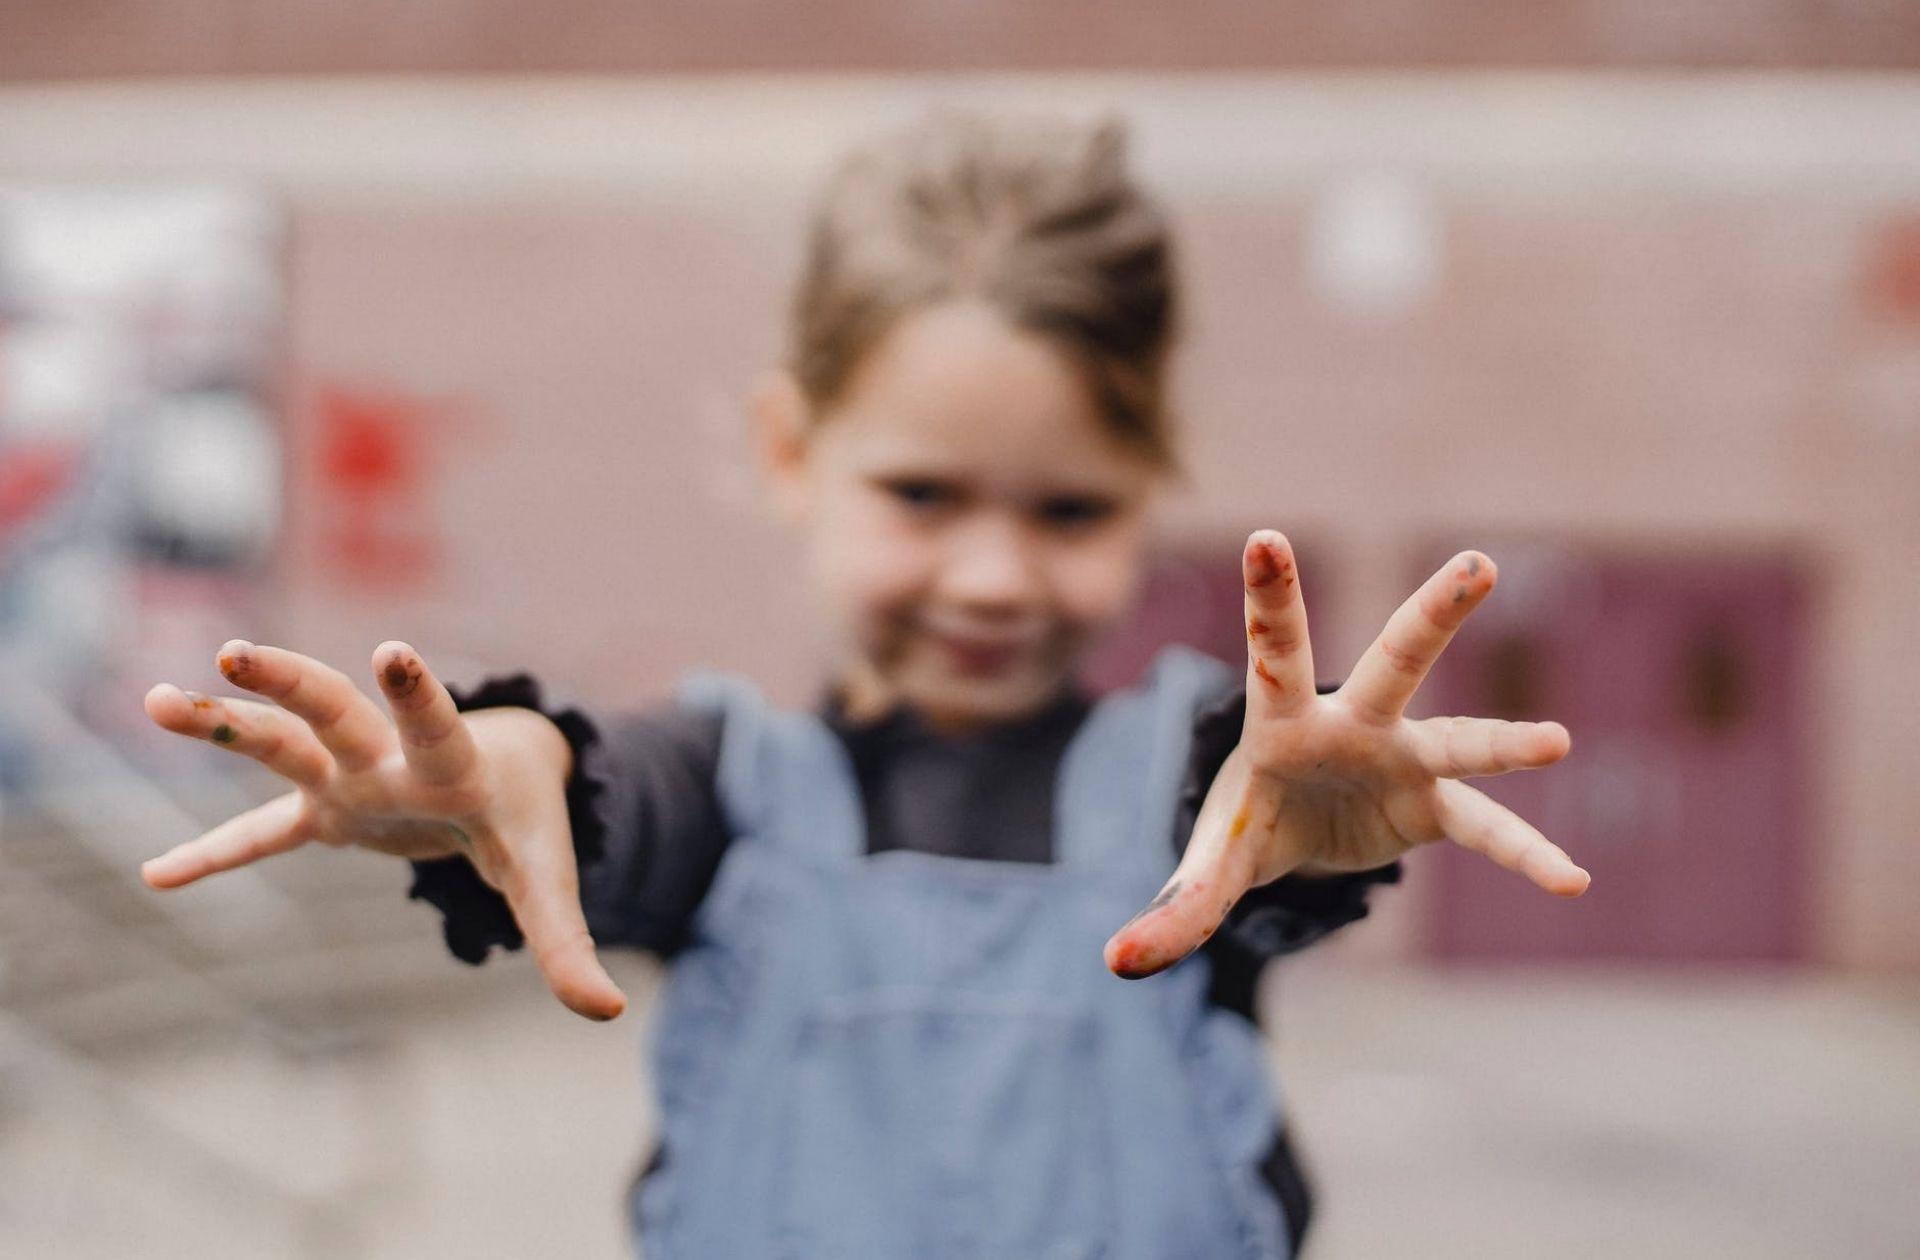 Incroyable, les petites filles ont des mains, mais toujours pas de poches où les mettre